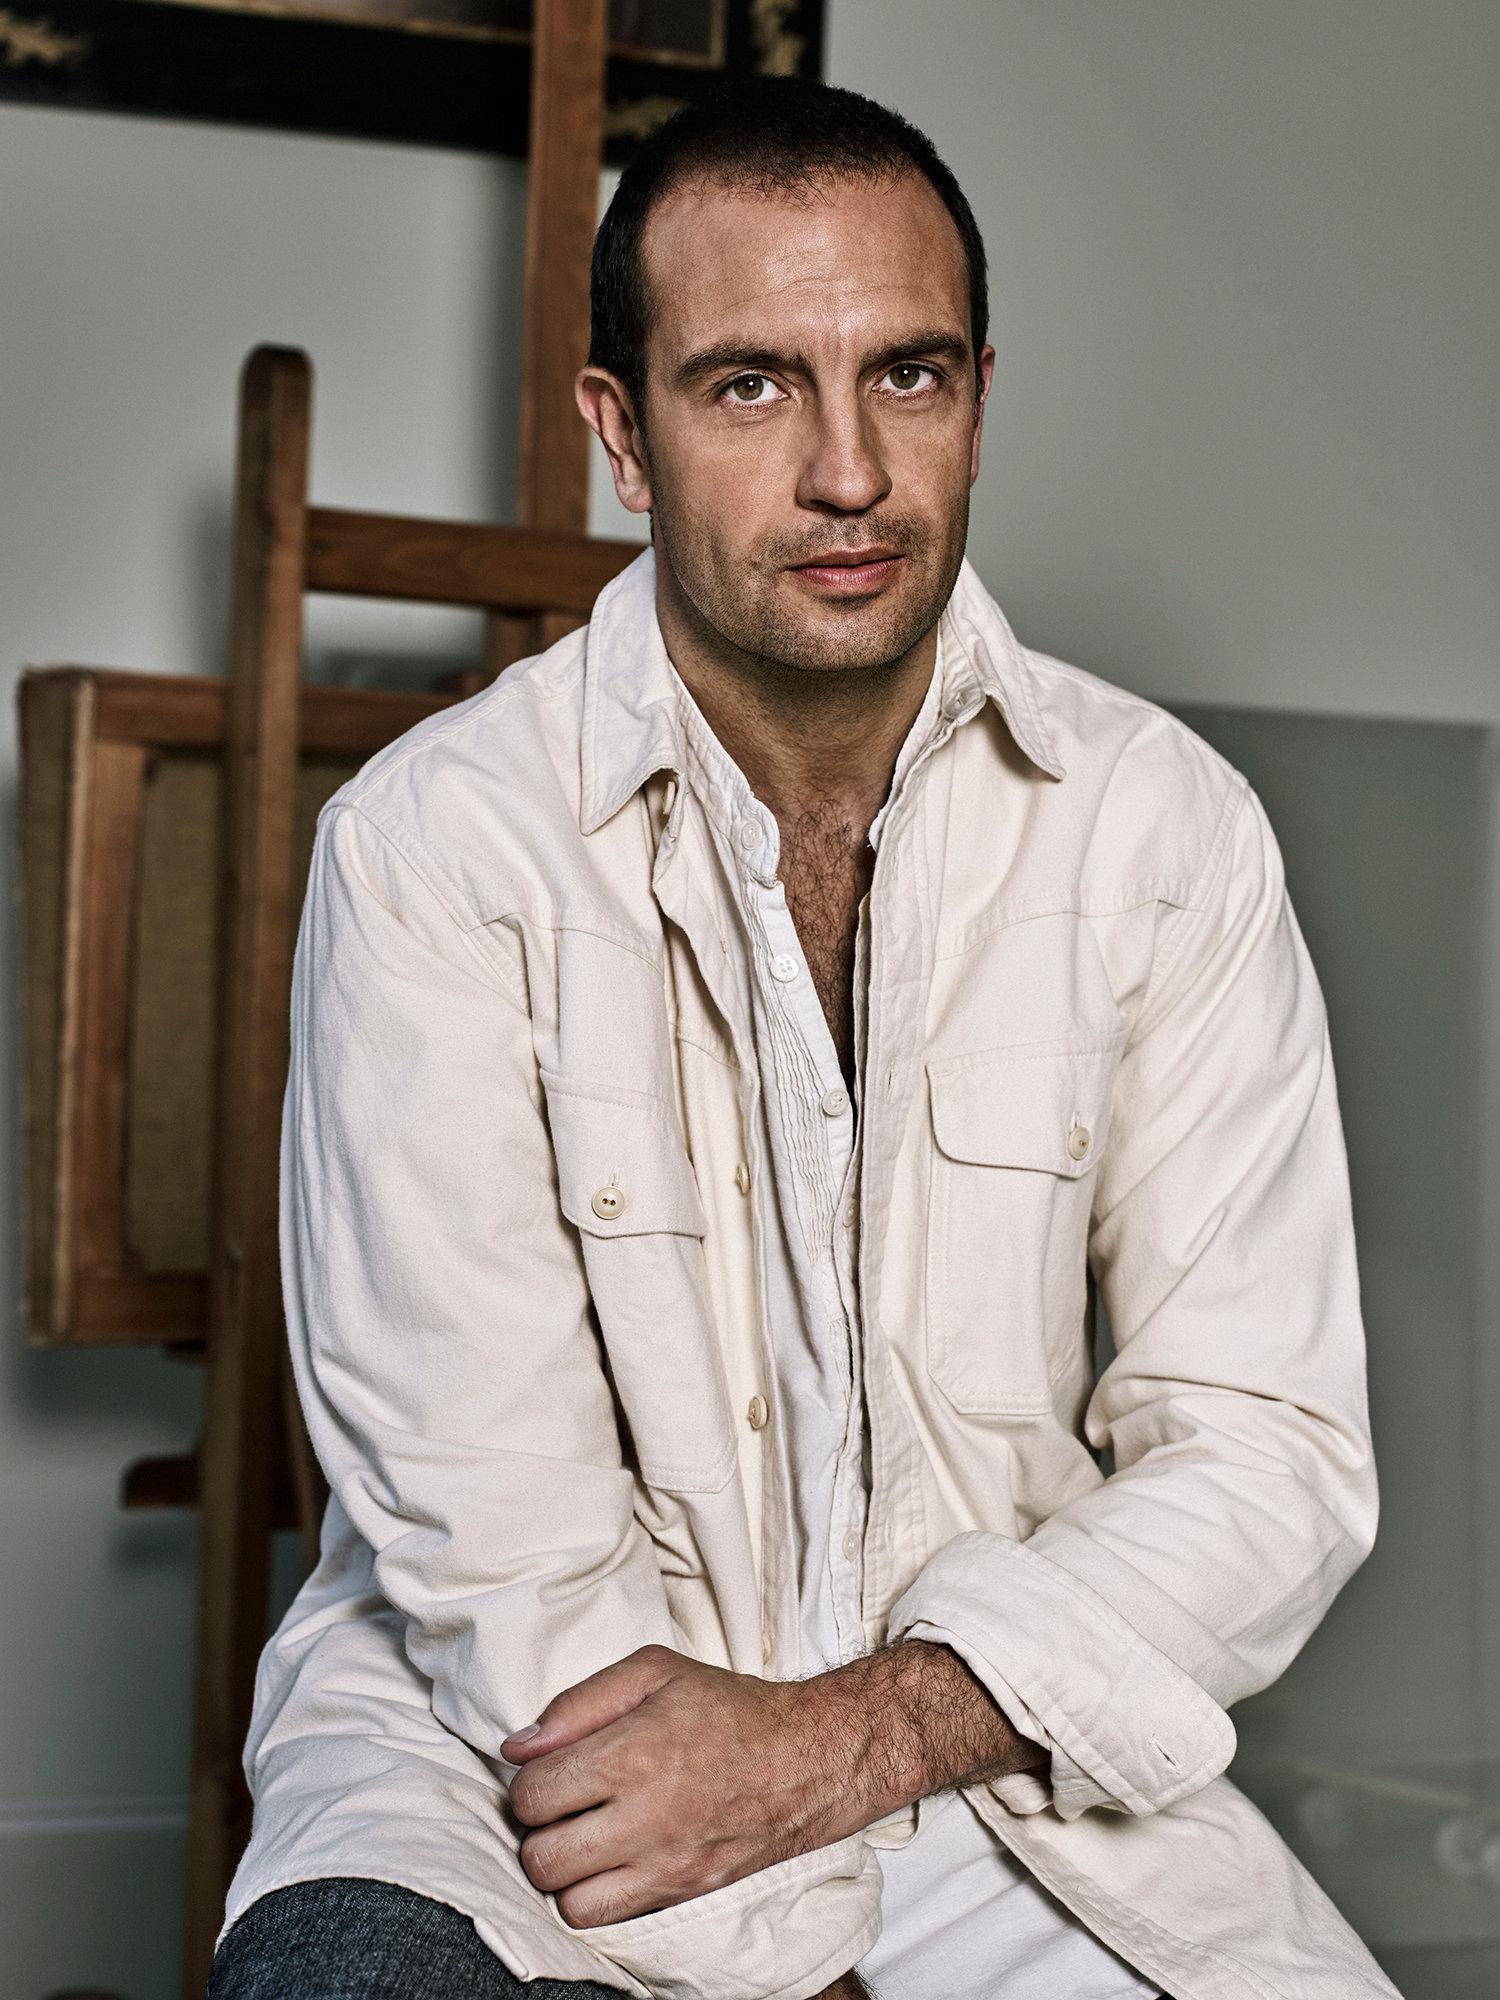 Jeroen Spitzenberger for Harpers Bazaar NL